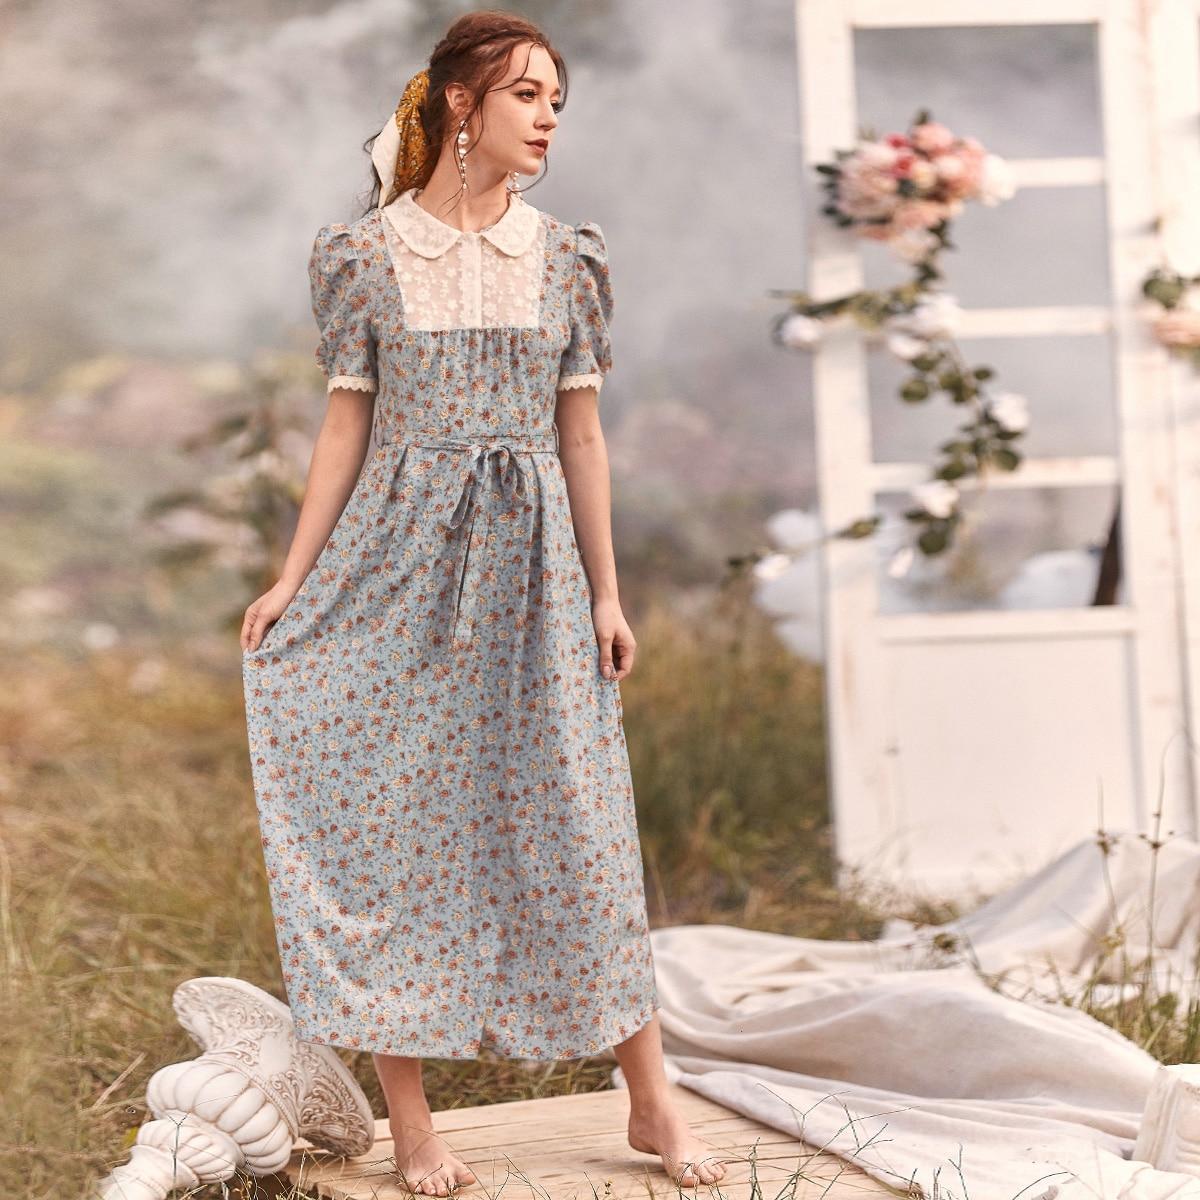 Цветочное платье с поясом и кружевной вставкой Image